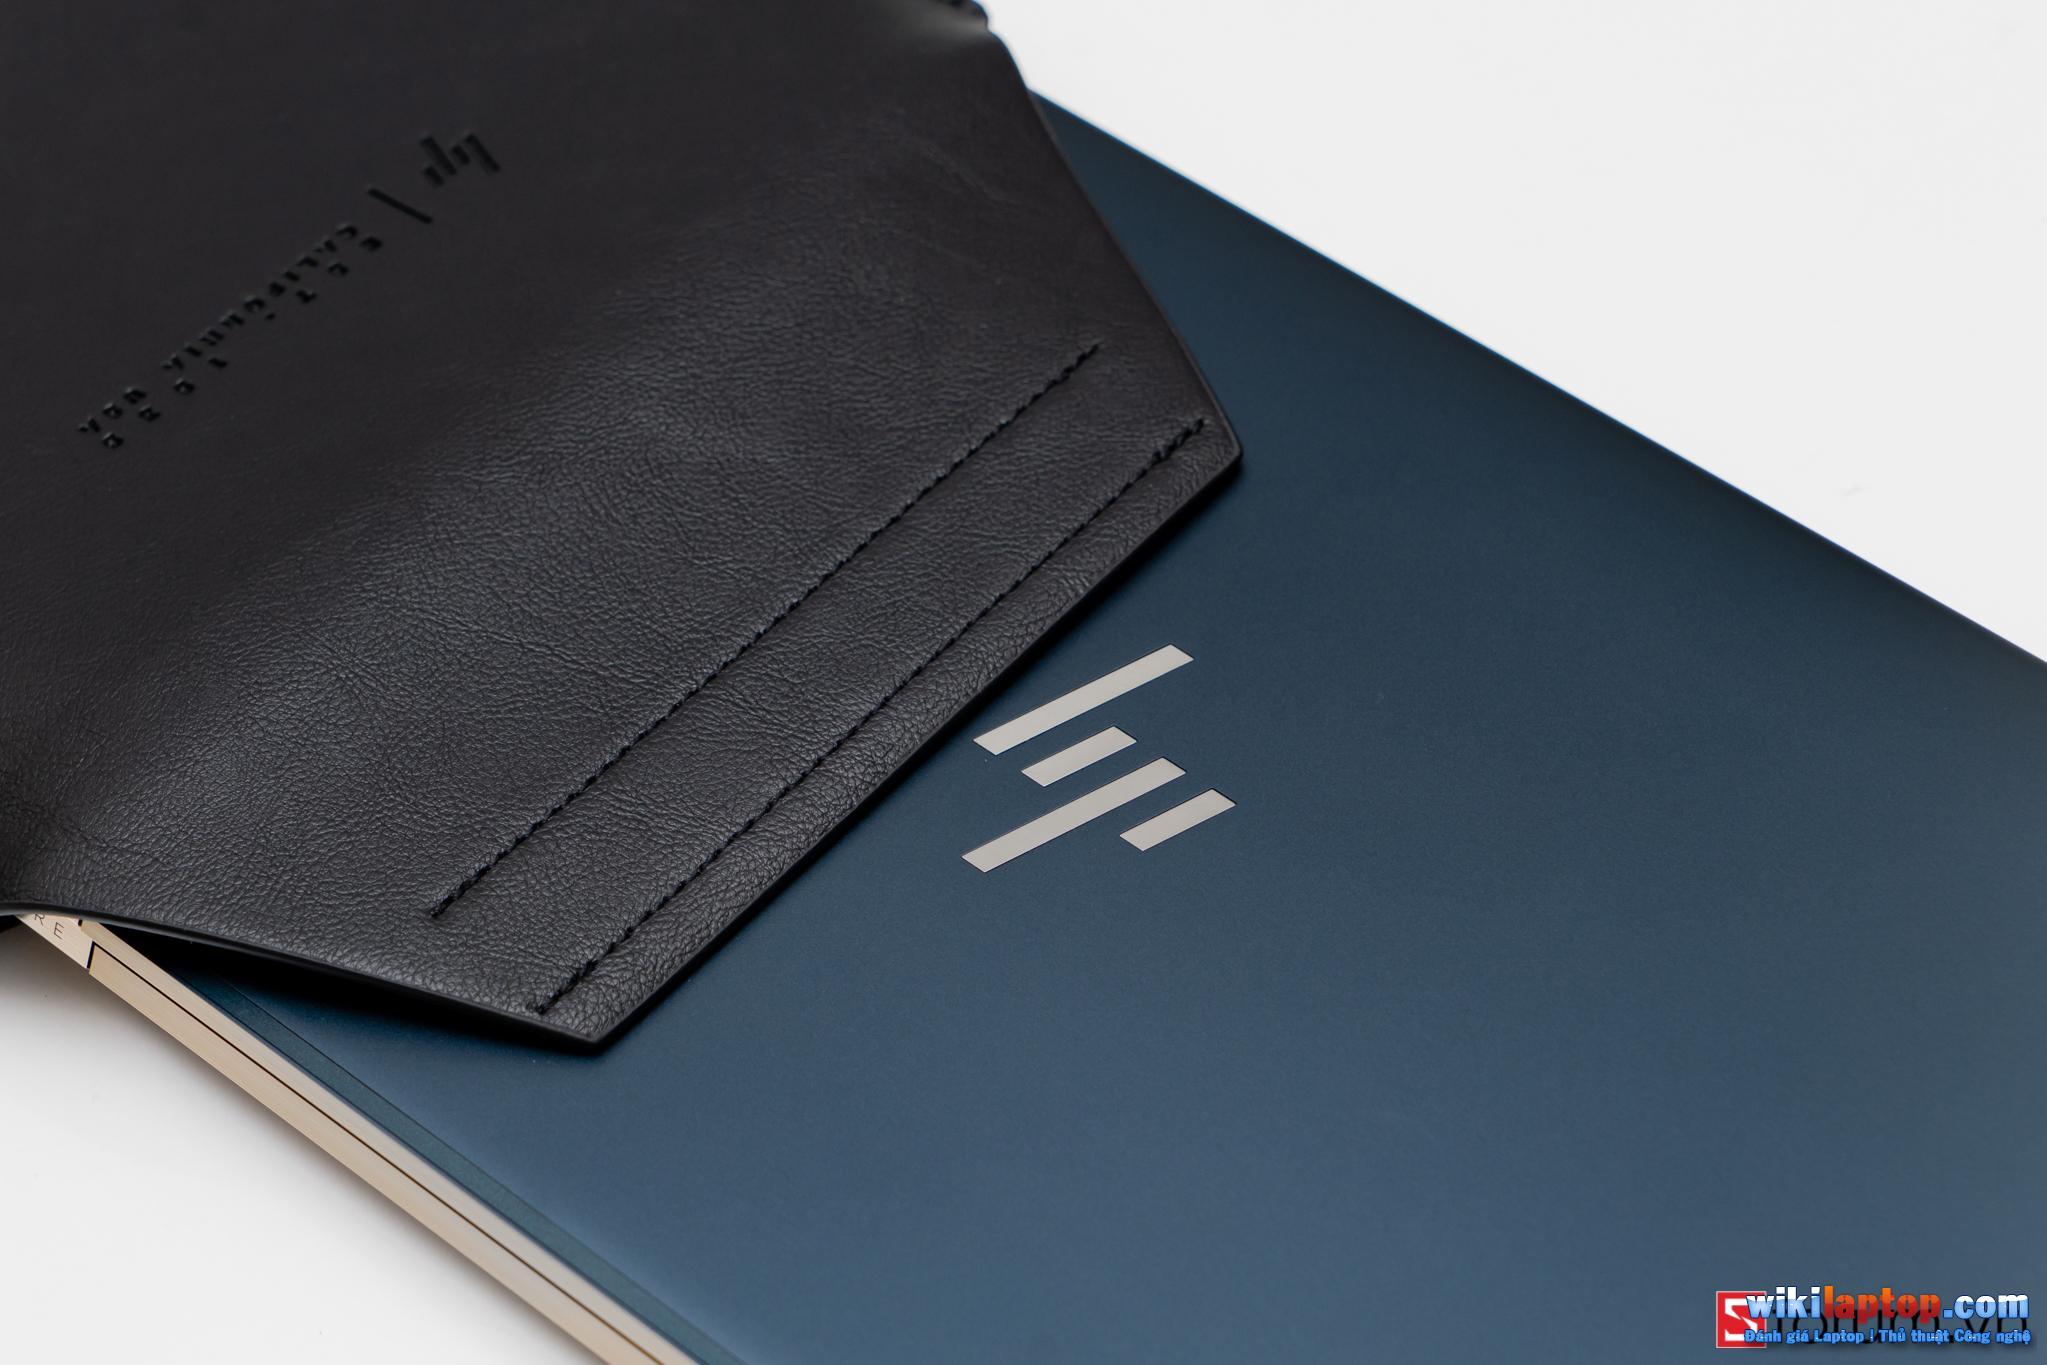 Sforum - Trang thông tin công nghệ mới nhất CPS-HP-Specter-X360-13-10 Đánh giá chi tiết HP Spectre x360 13: Cái gì bên trong một chiếc Laptop có giá gần 50 triệu HP?